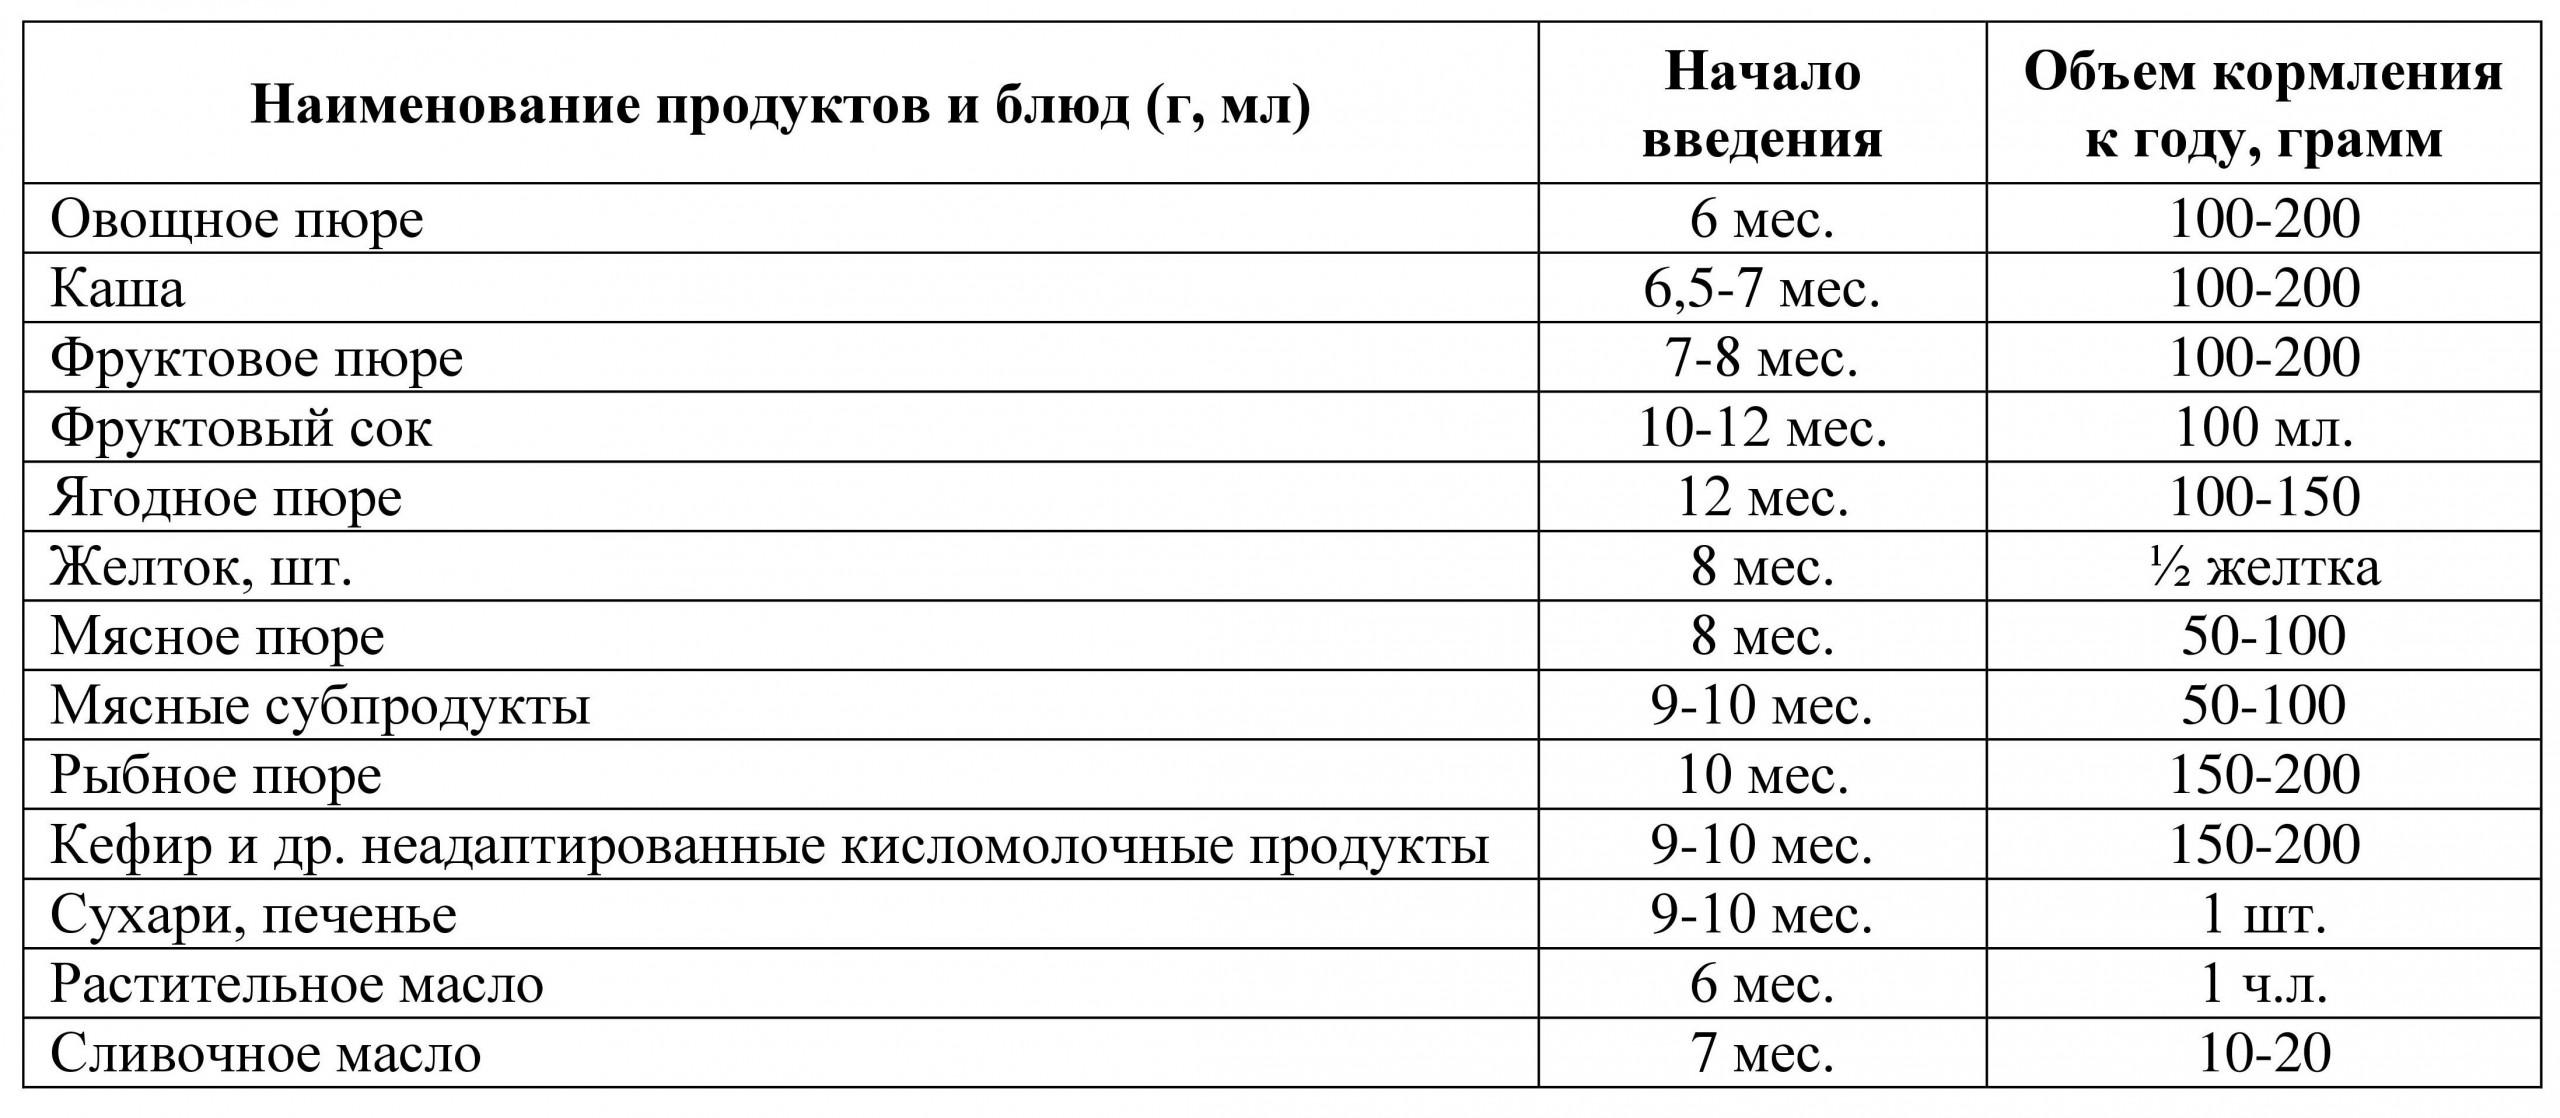 Таблица прикорма, рекомендации ВОЗ